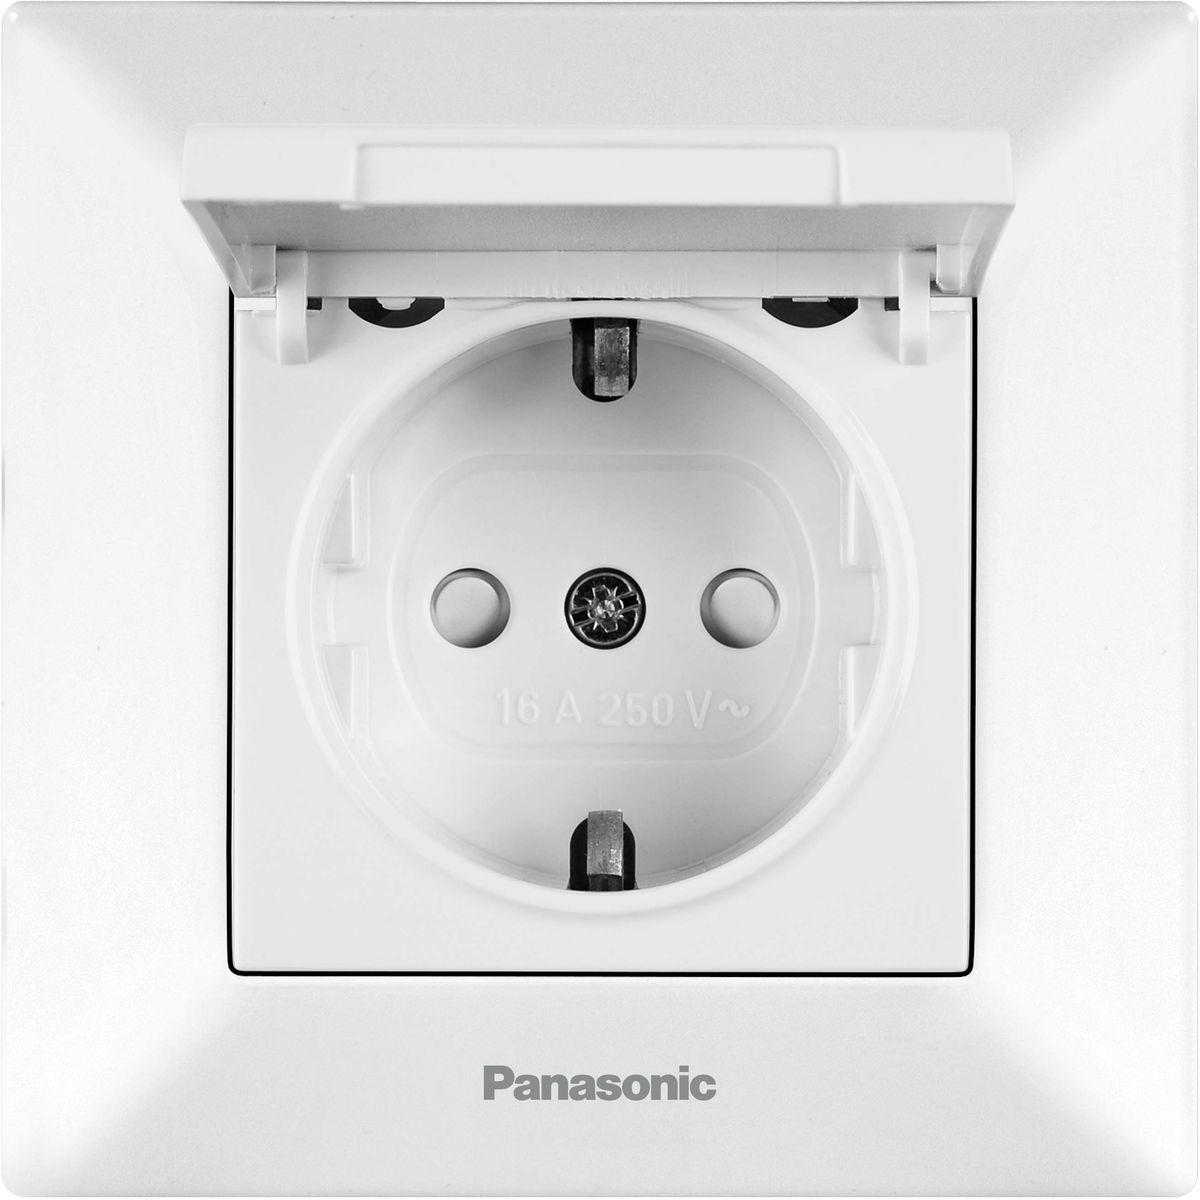 Розетка Panasonic Arkedia, одинарная, с заземлением, с крышкой, цвет: белый, 16 А. 54772 розетка simon electric с заземлением цвет белый 16 а 250 в